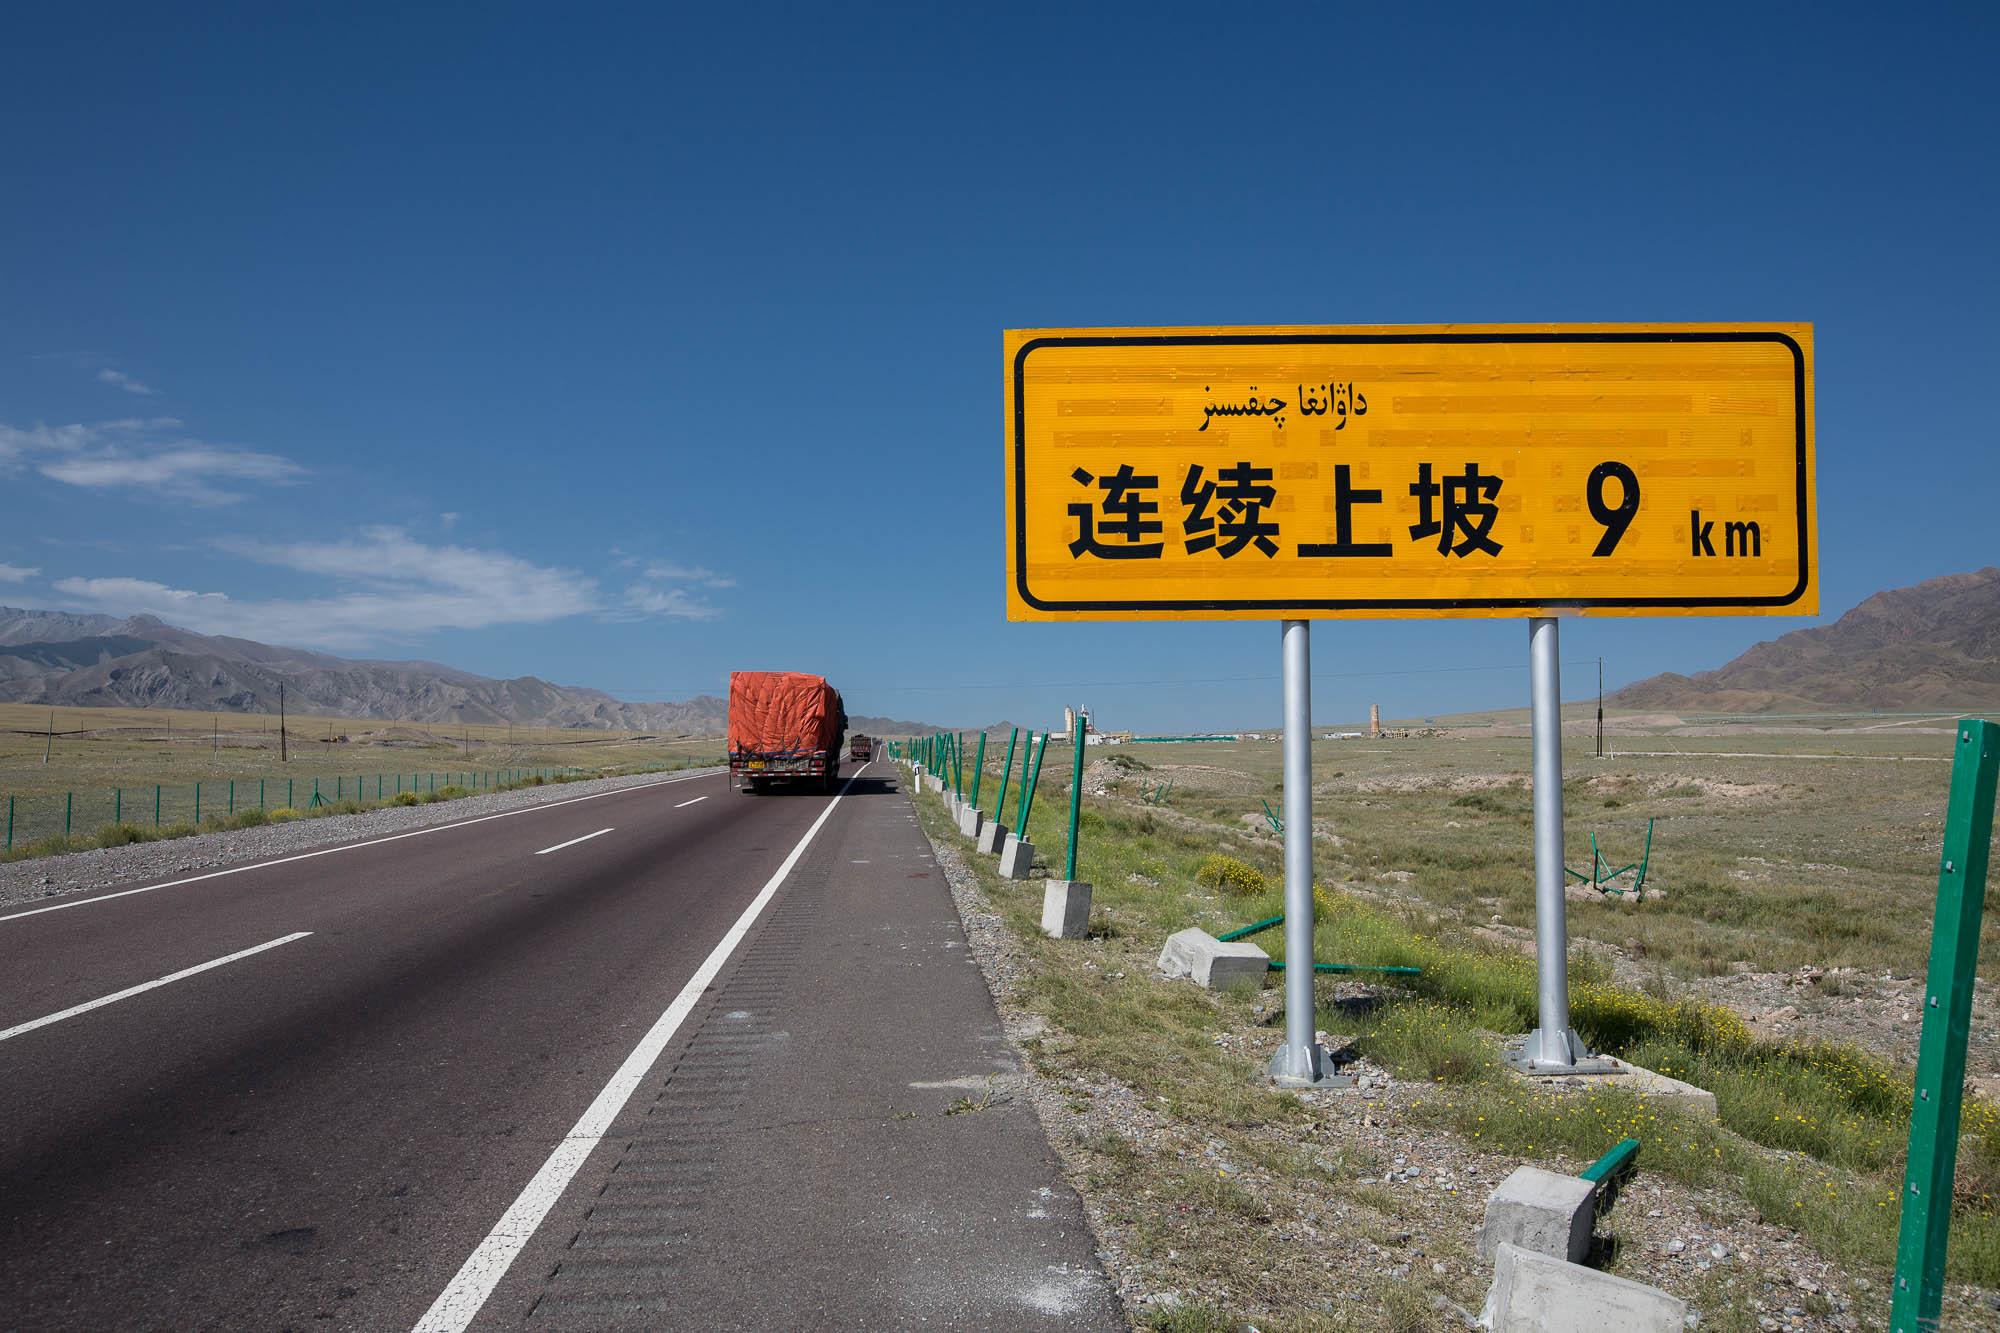 9km uphill